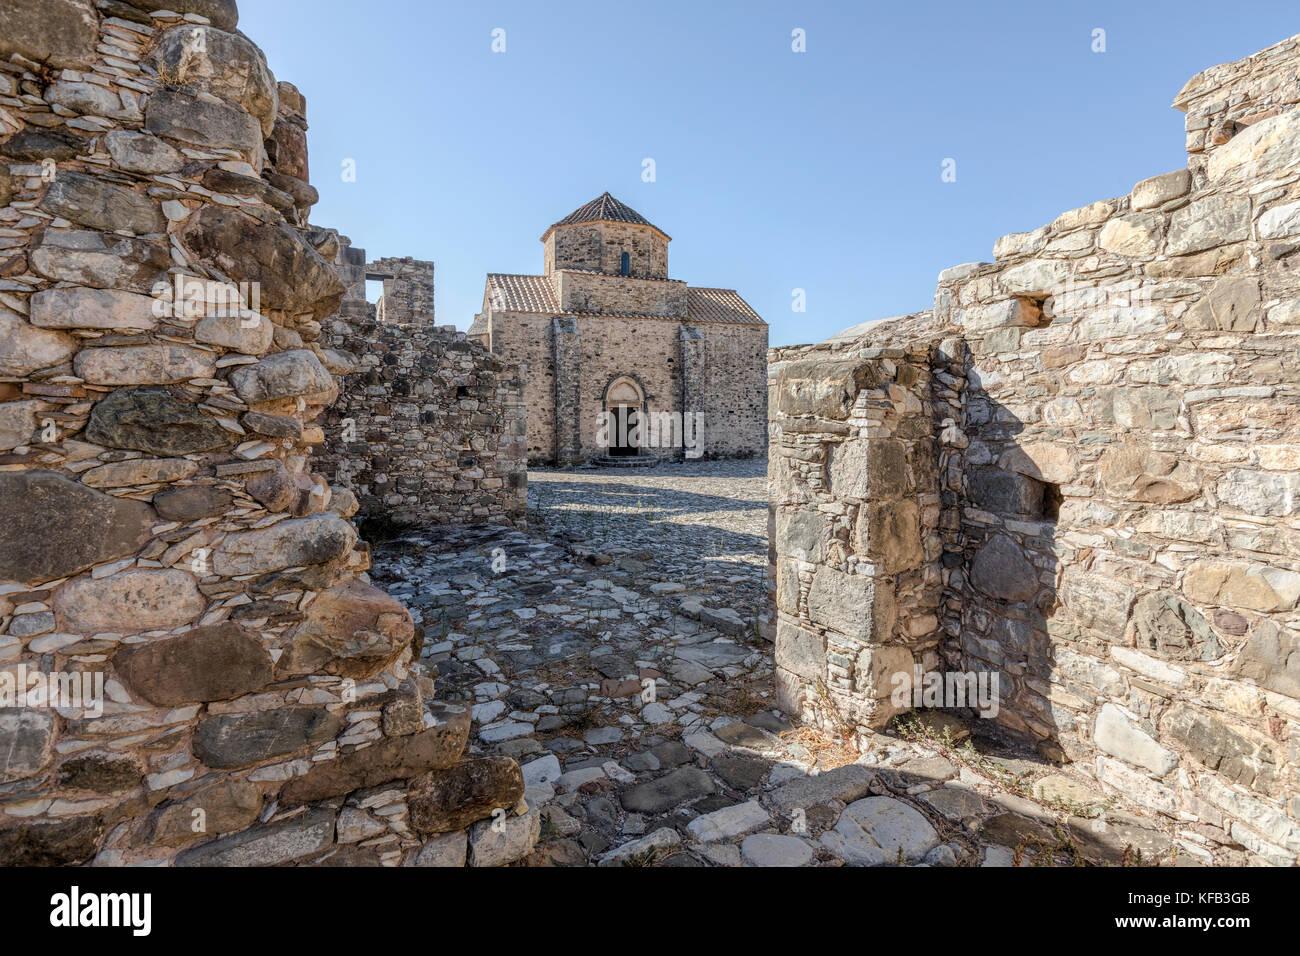 Das Kloster Panagia tou Sinti, Paphos, Zypern Stockbild